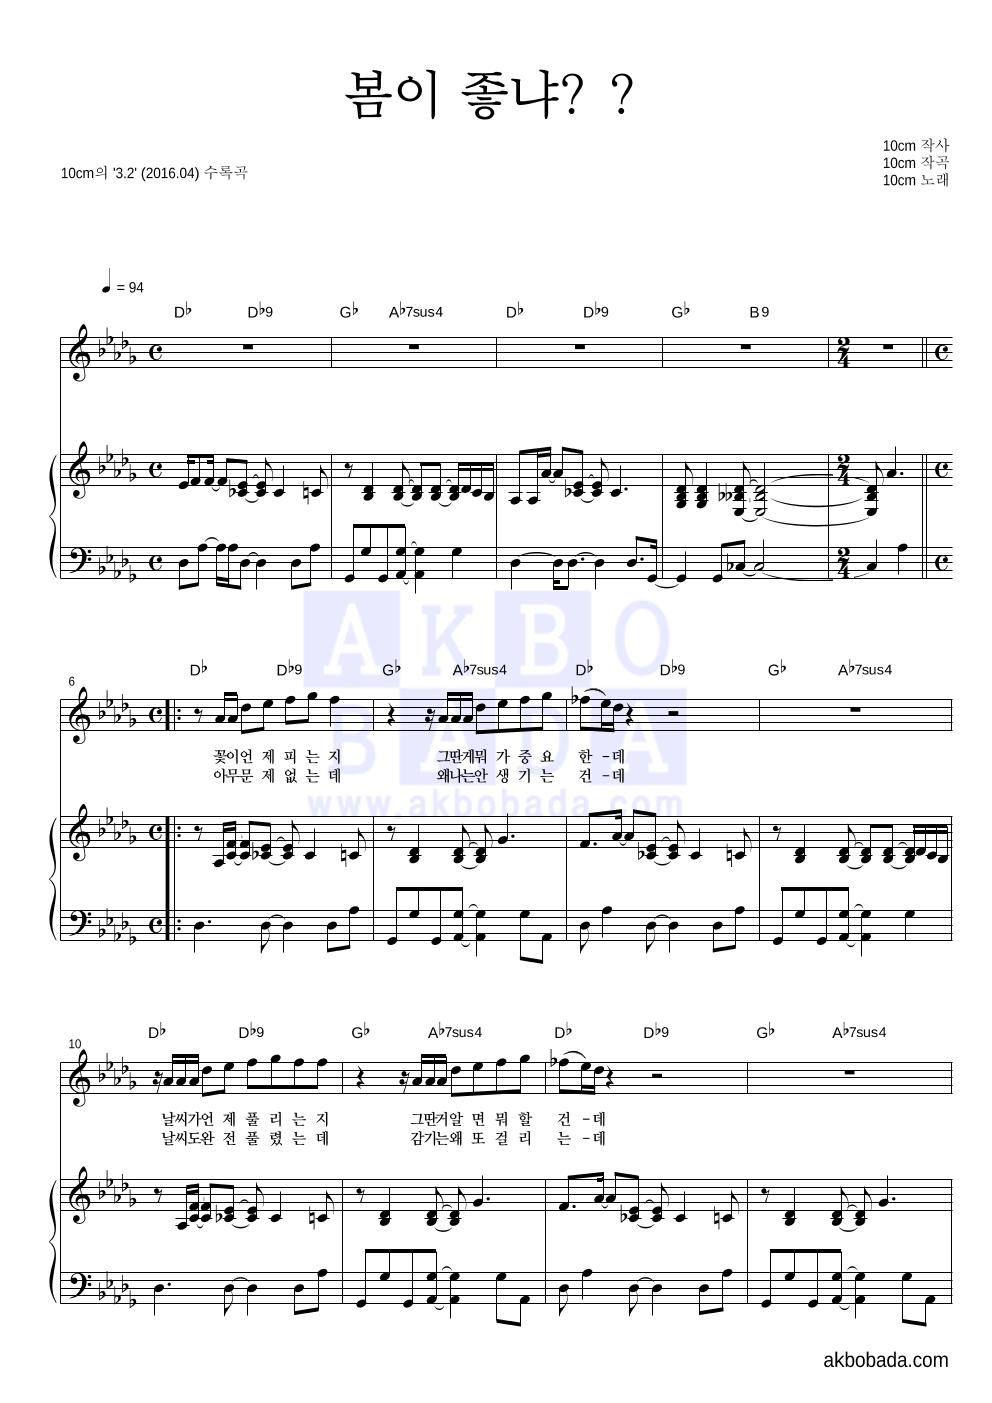 10CM - 봄이 좋냐?? 피아노 3단 악보